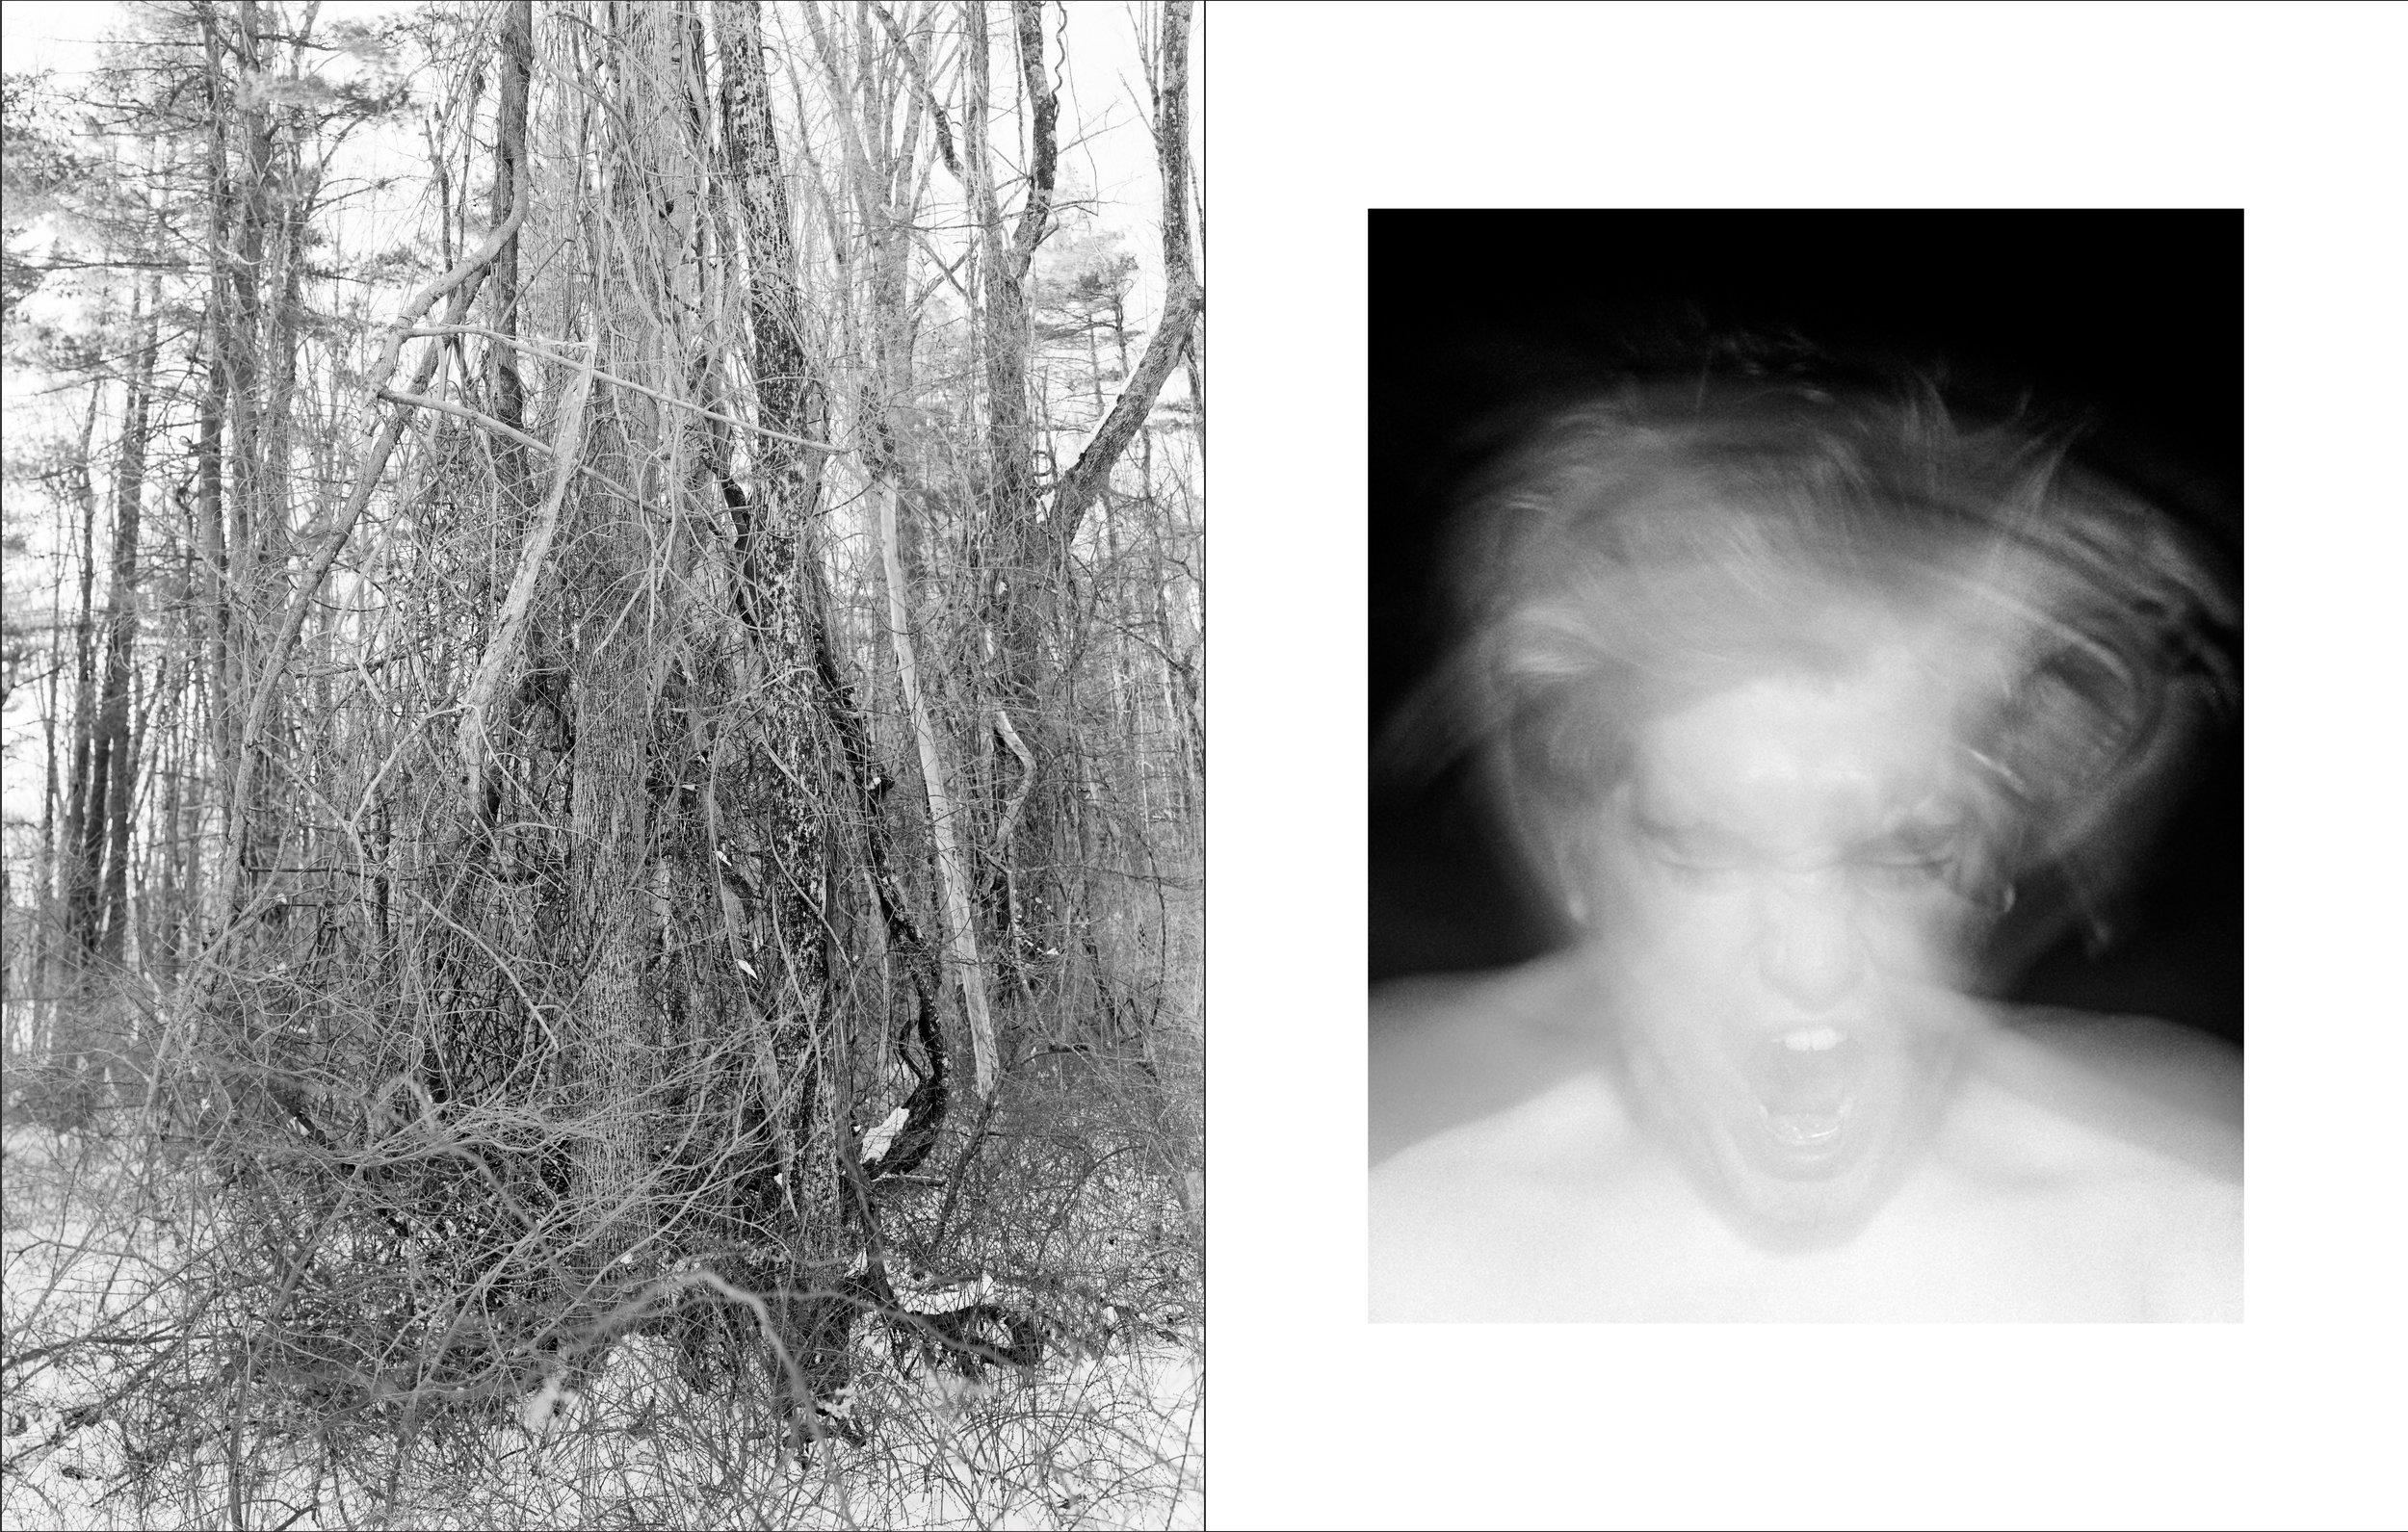 22-23.jpg